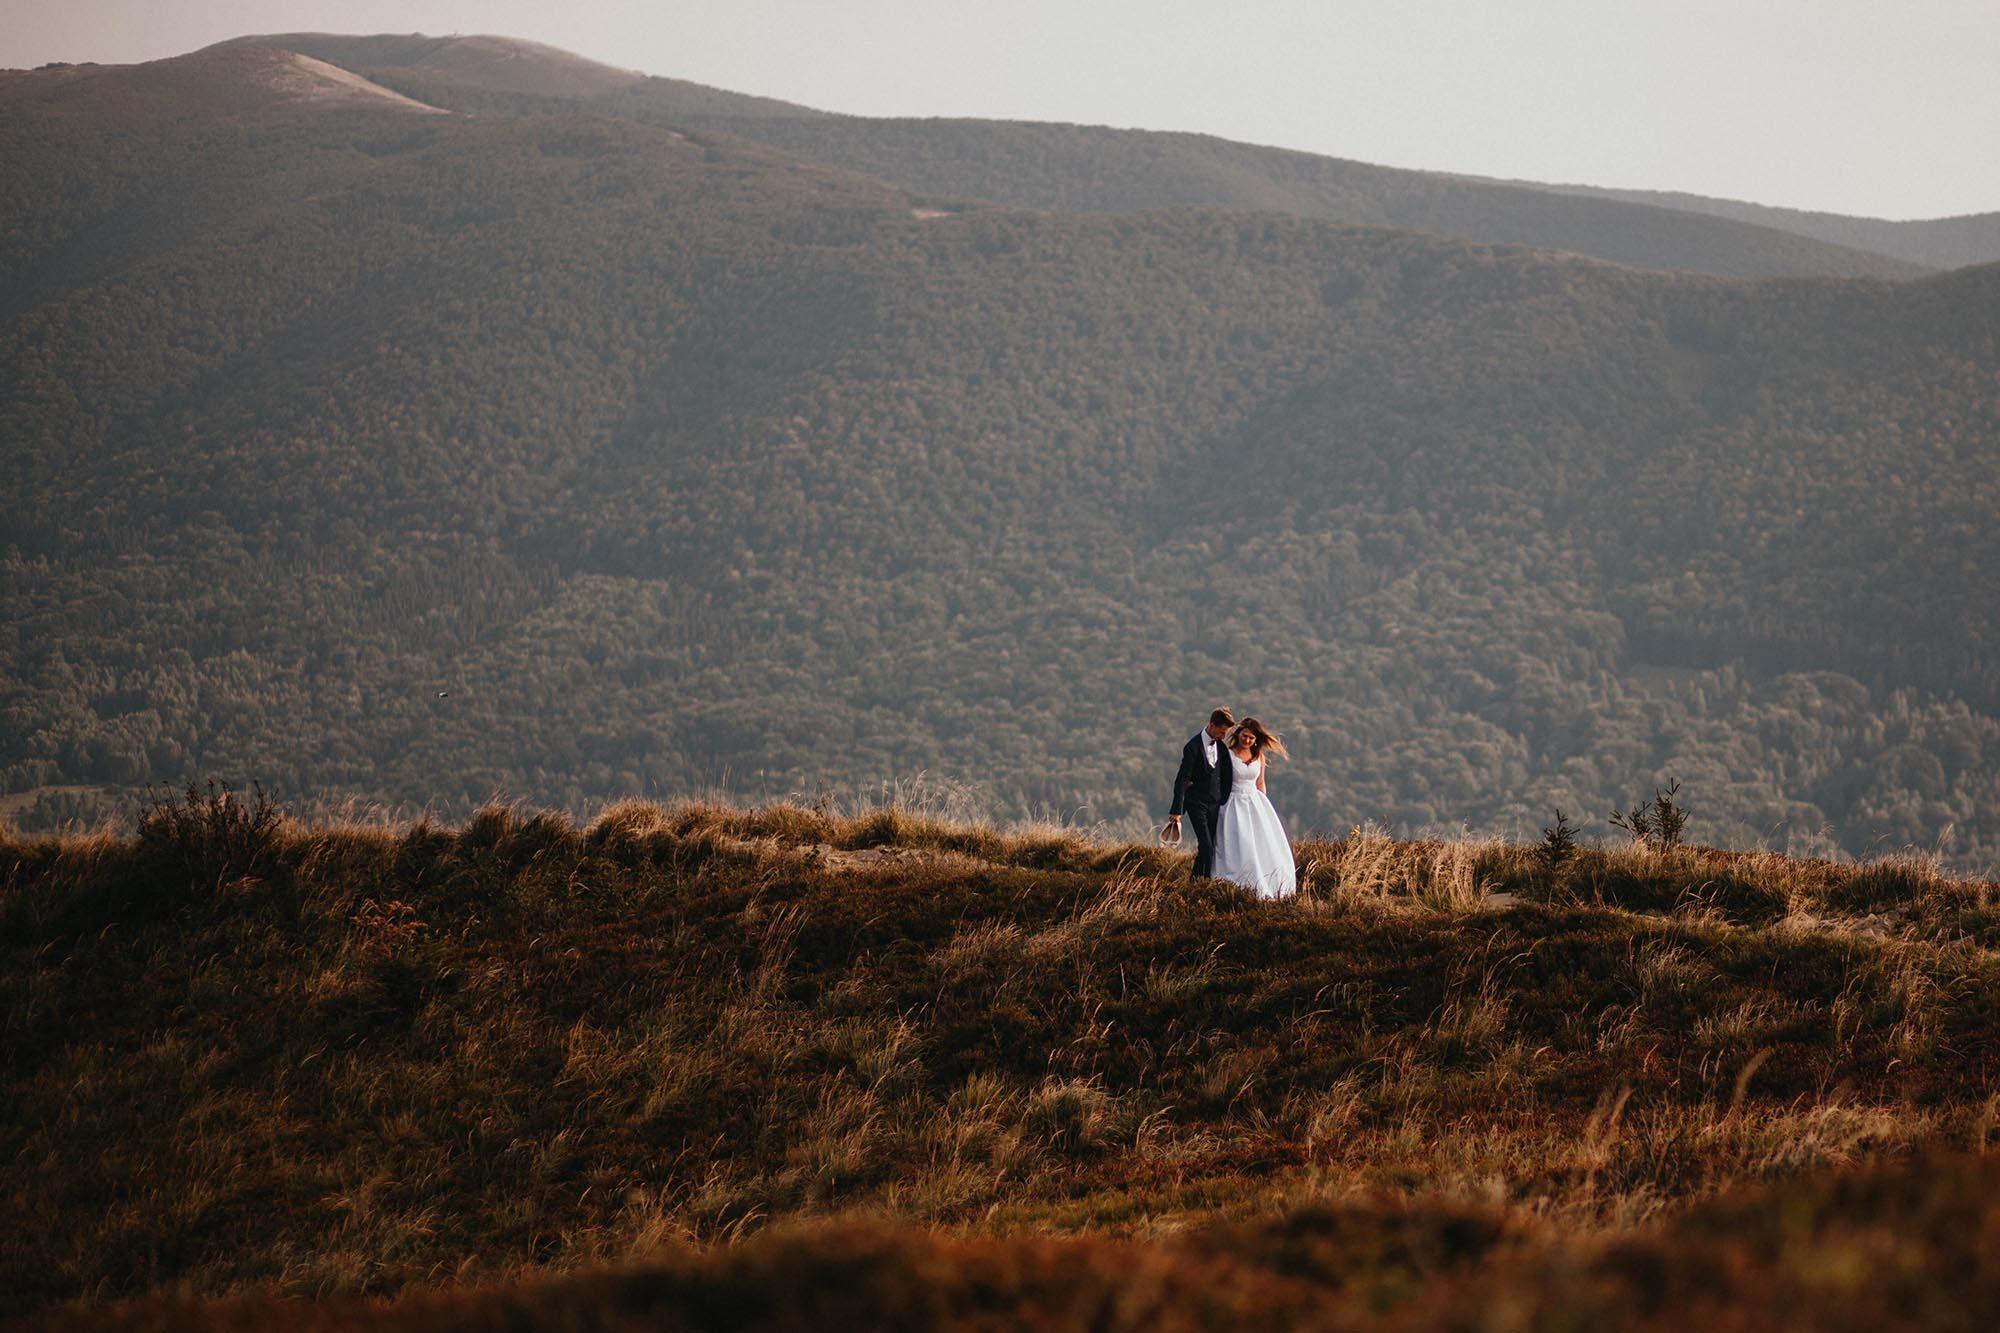 Fotograf ślubny, fotografia ślubna, plener ślubny w górach, Bieszczady